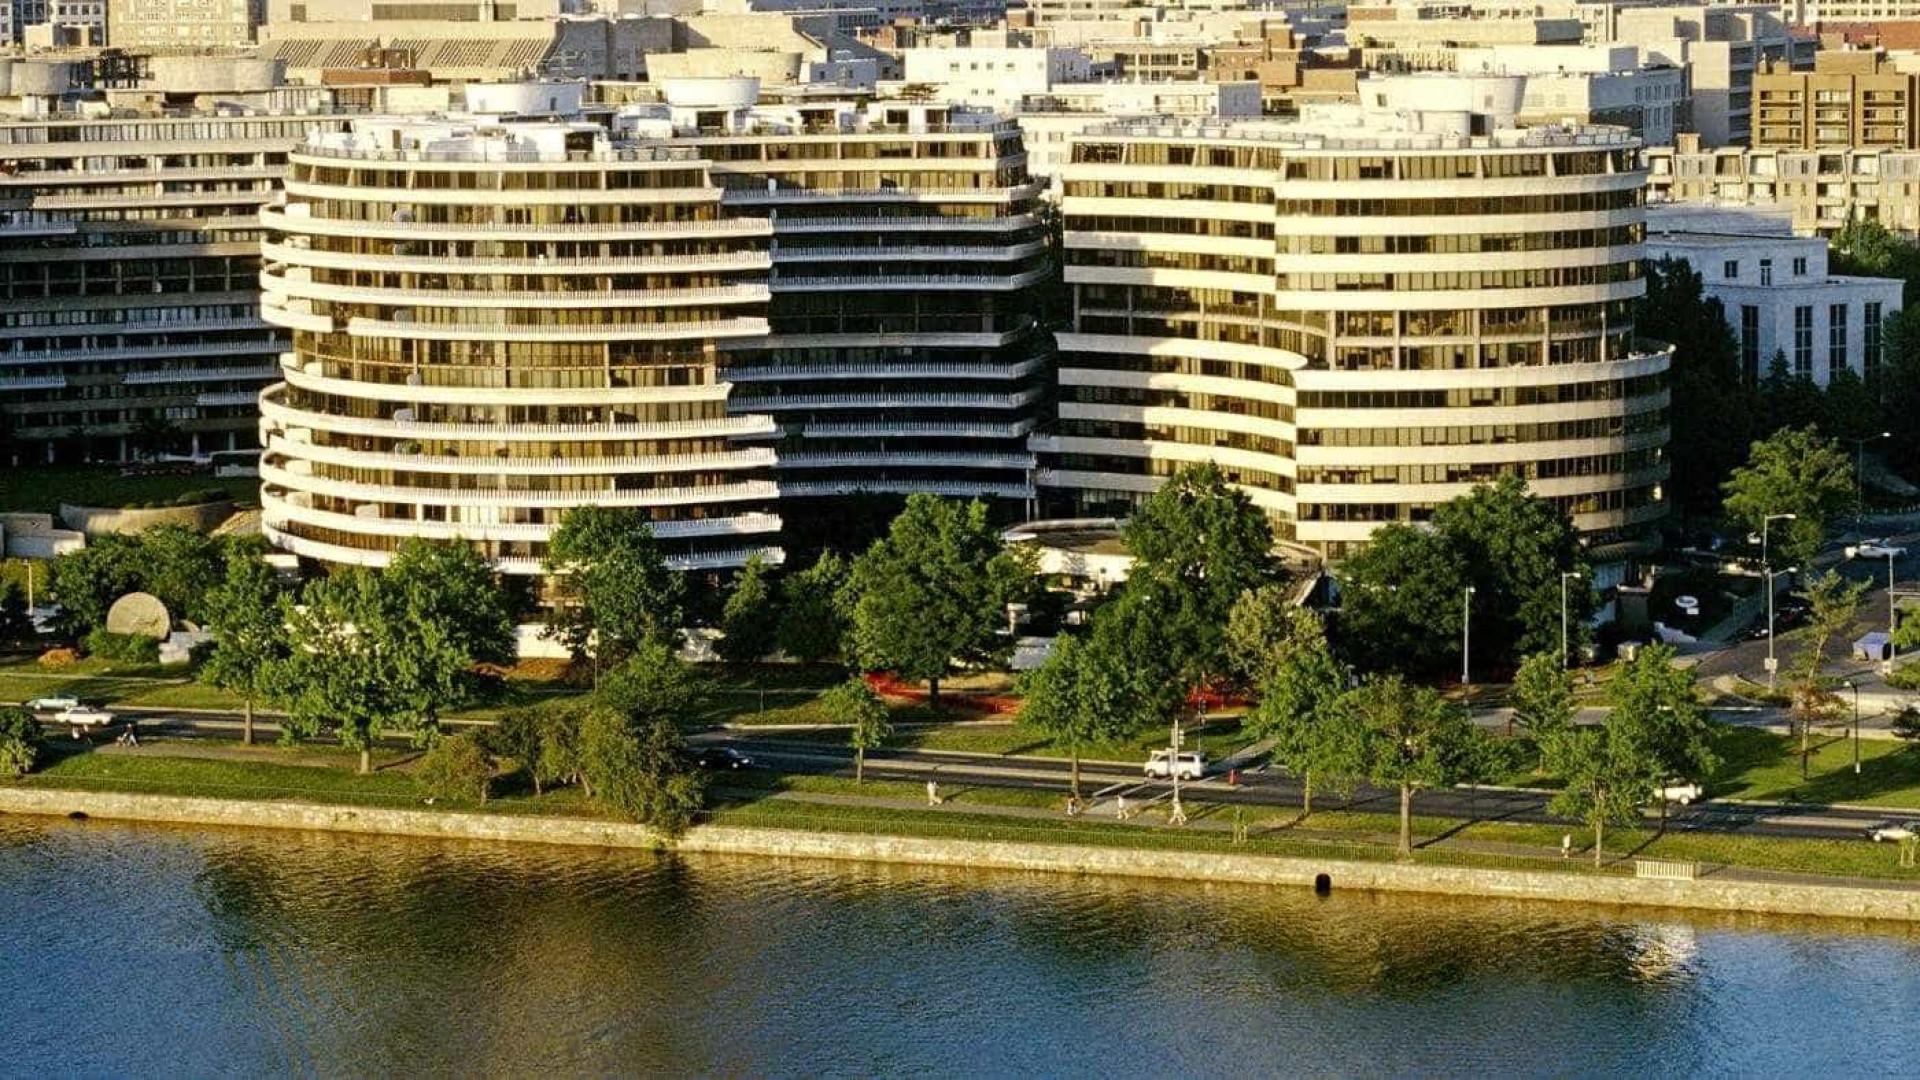 Incêndio é registrado no  complexo de edifício de Watergate